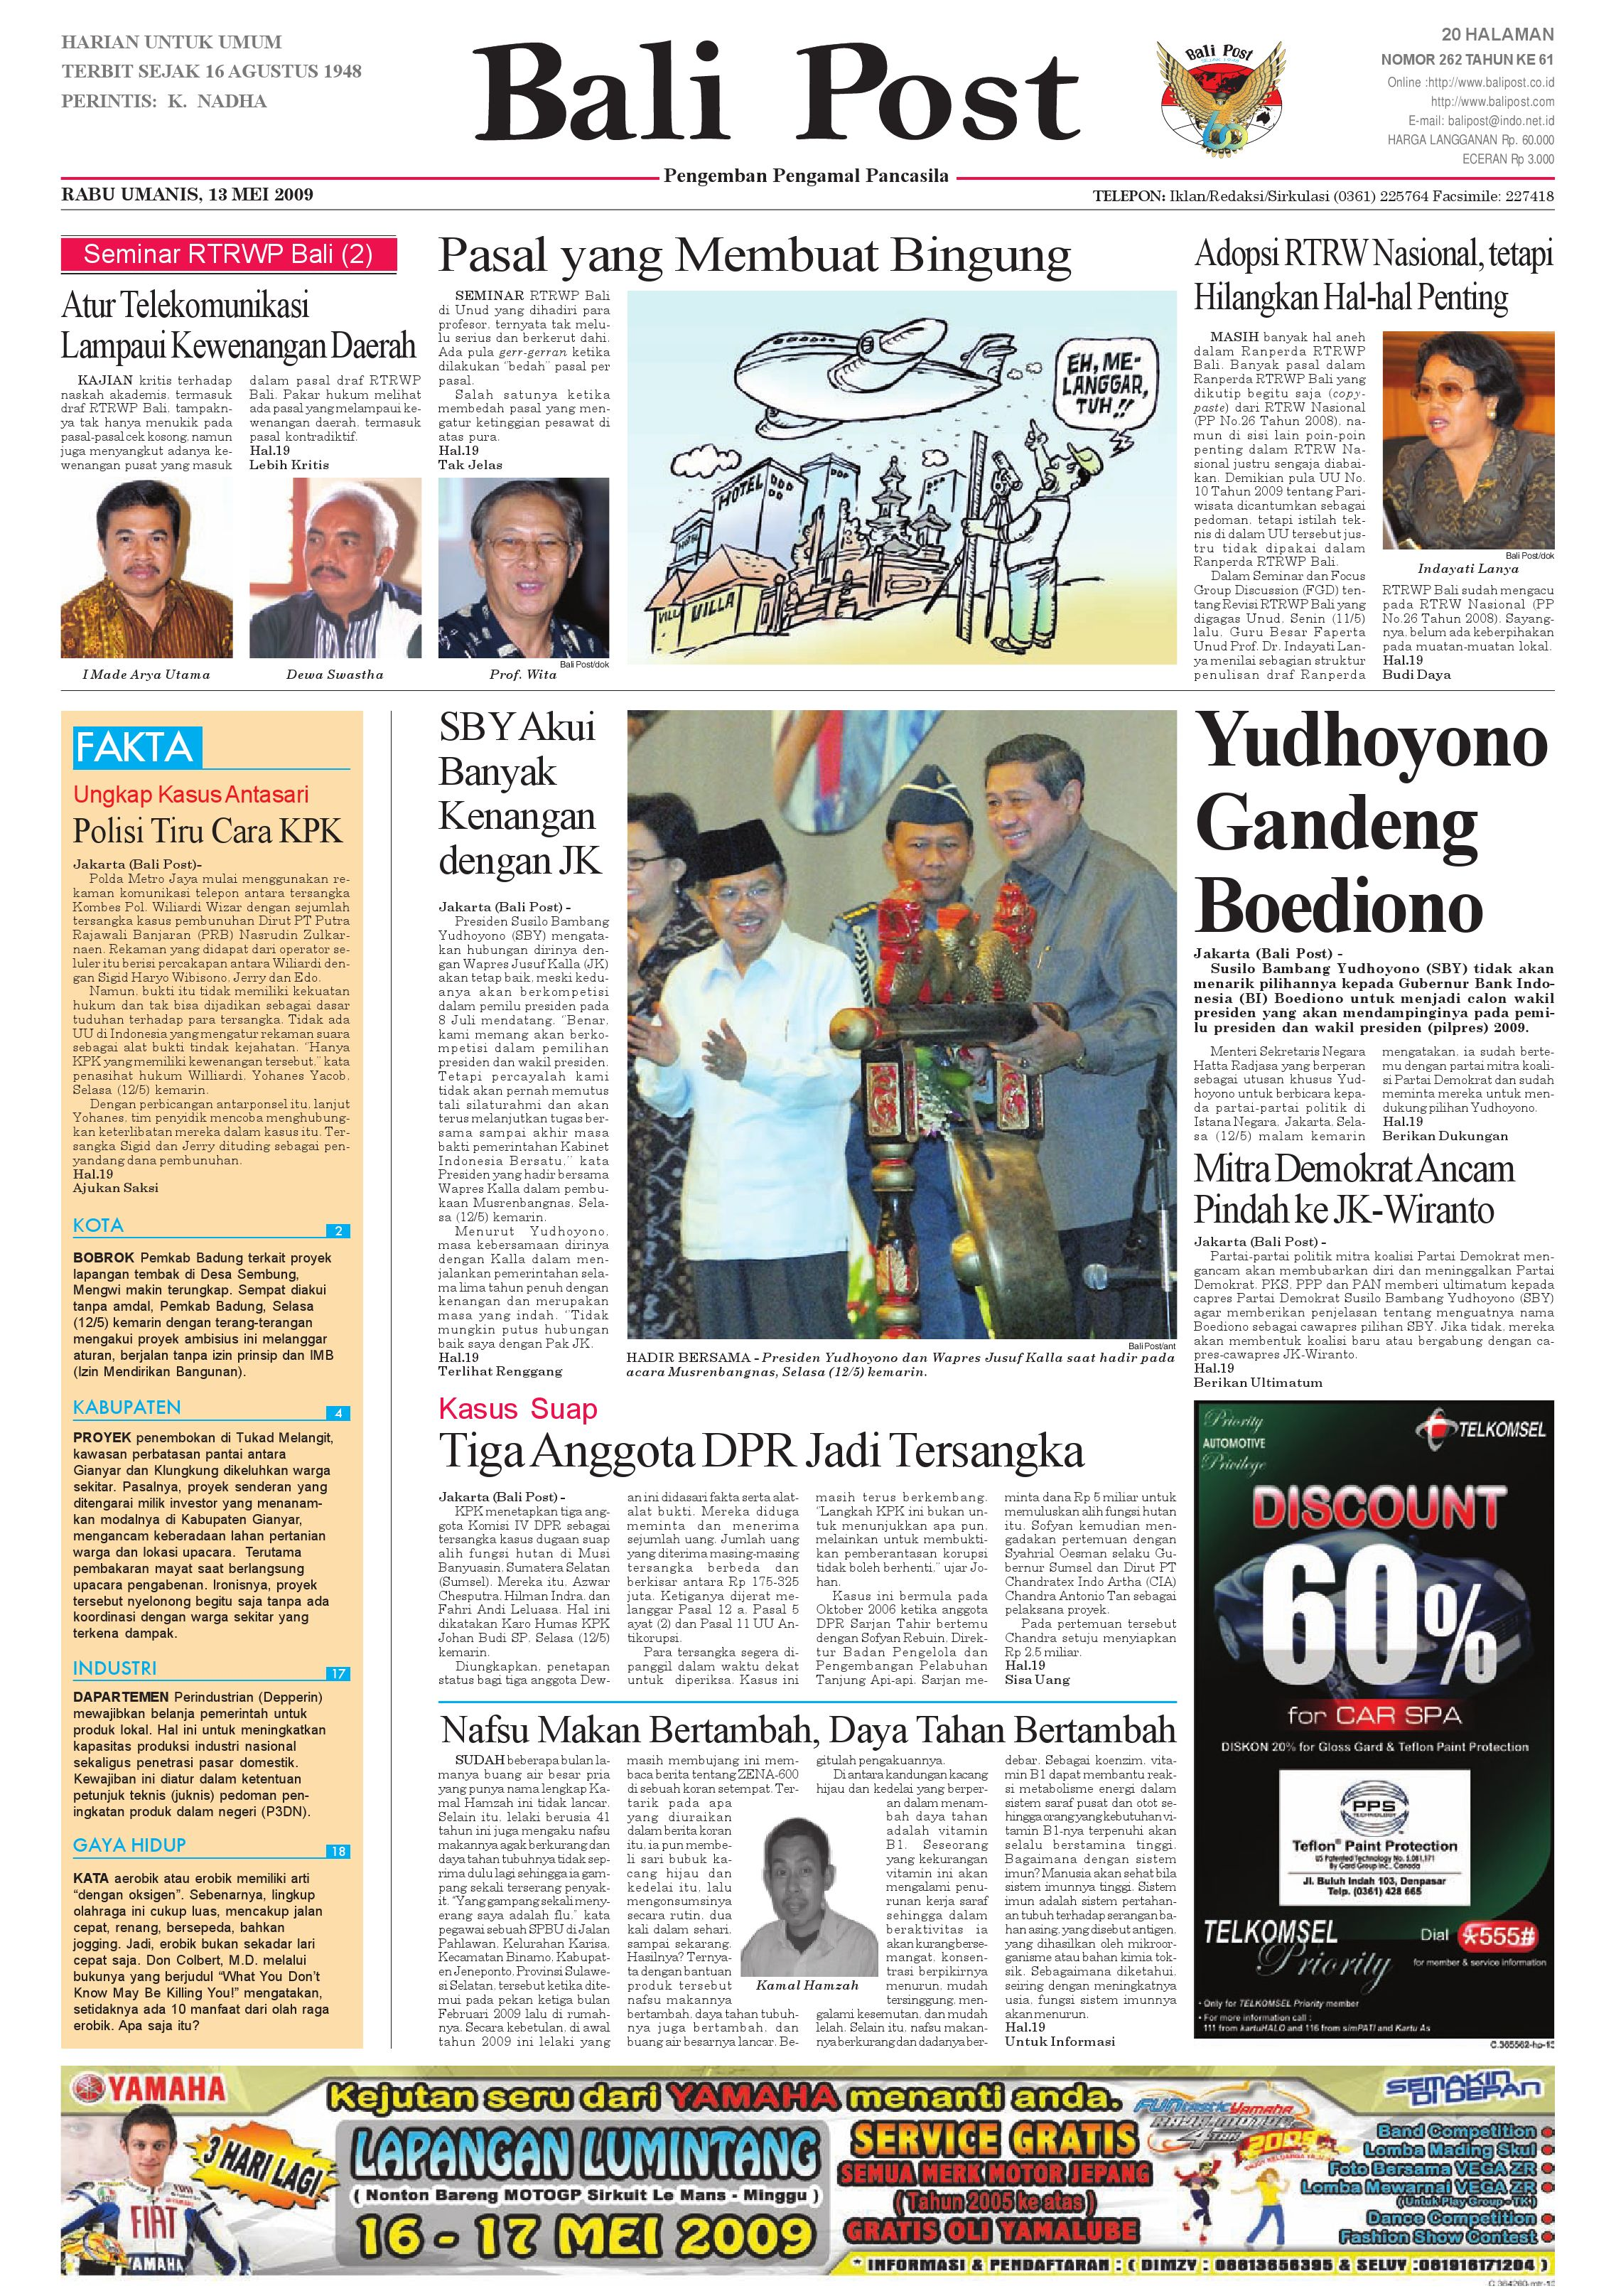 Bali Post Rabu 13 Mei 2009 By E Paper Kmb Issuu Voucher 300 Plus Tiara Gatzu Monang Maning Toko Soputan